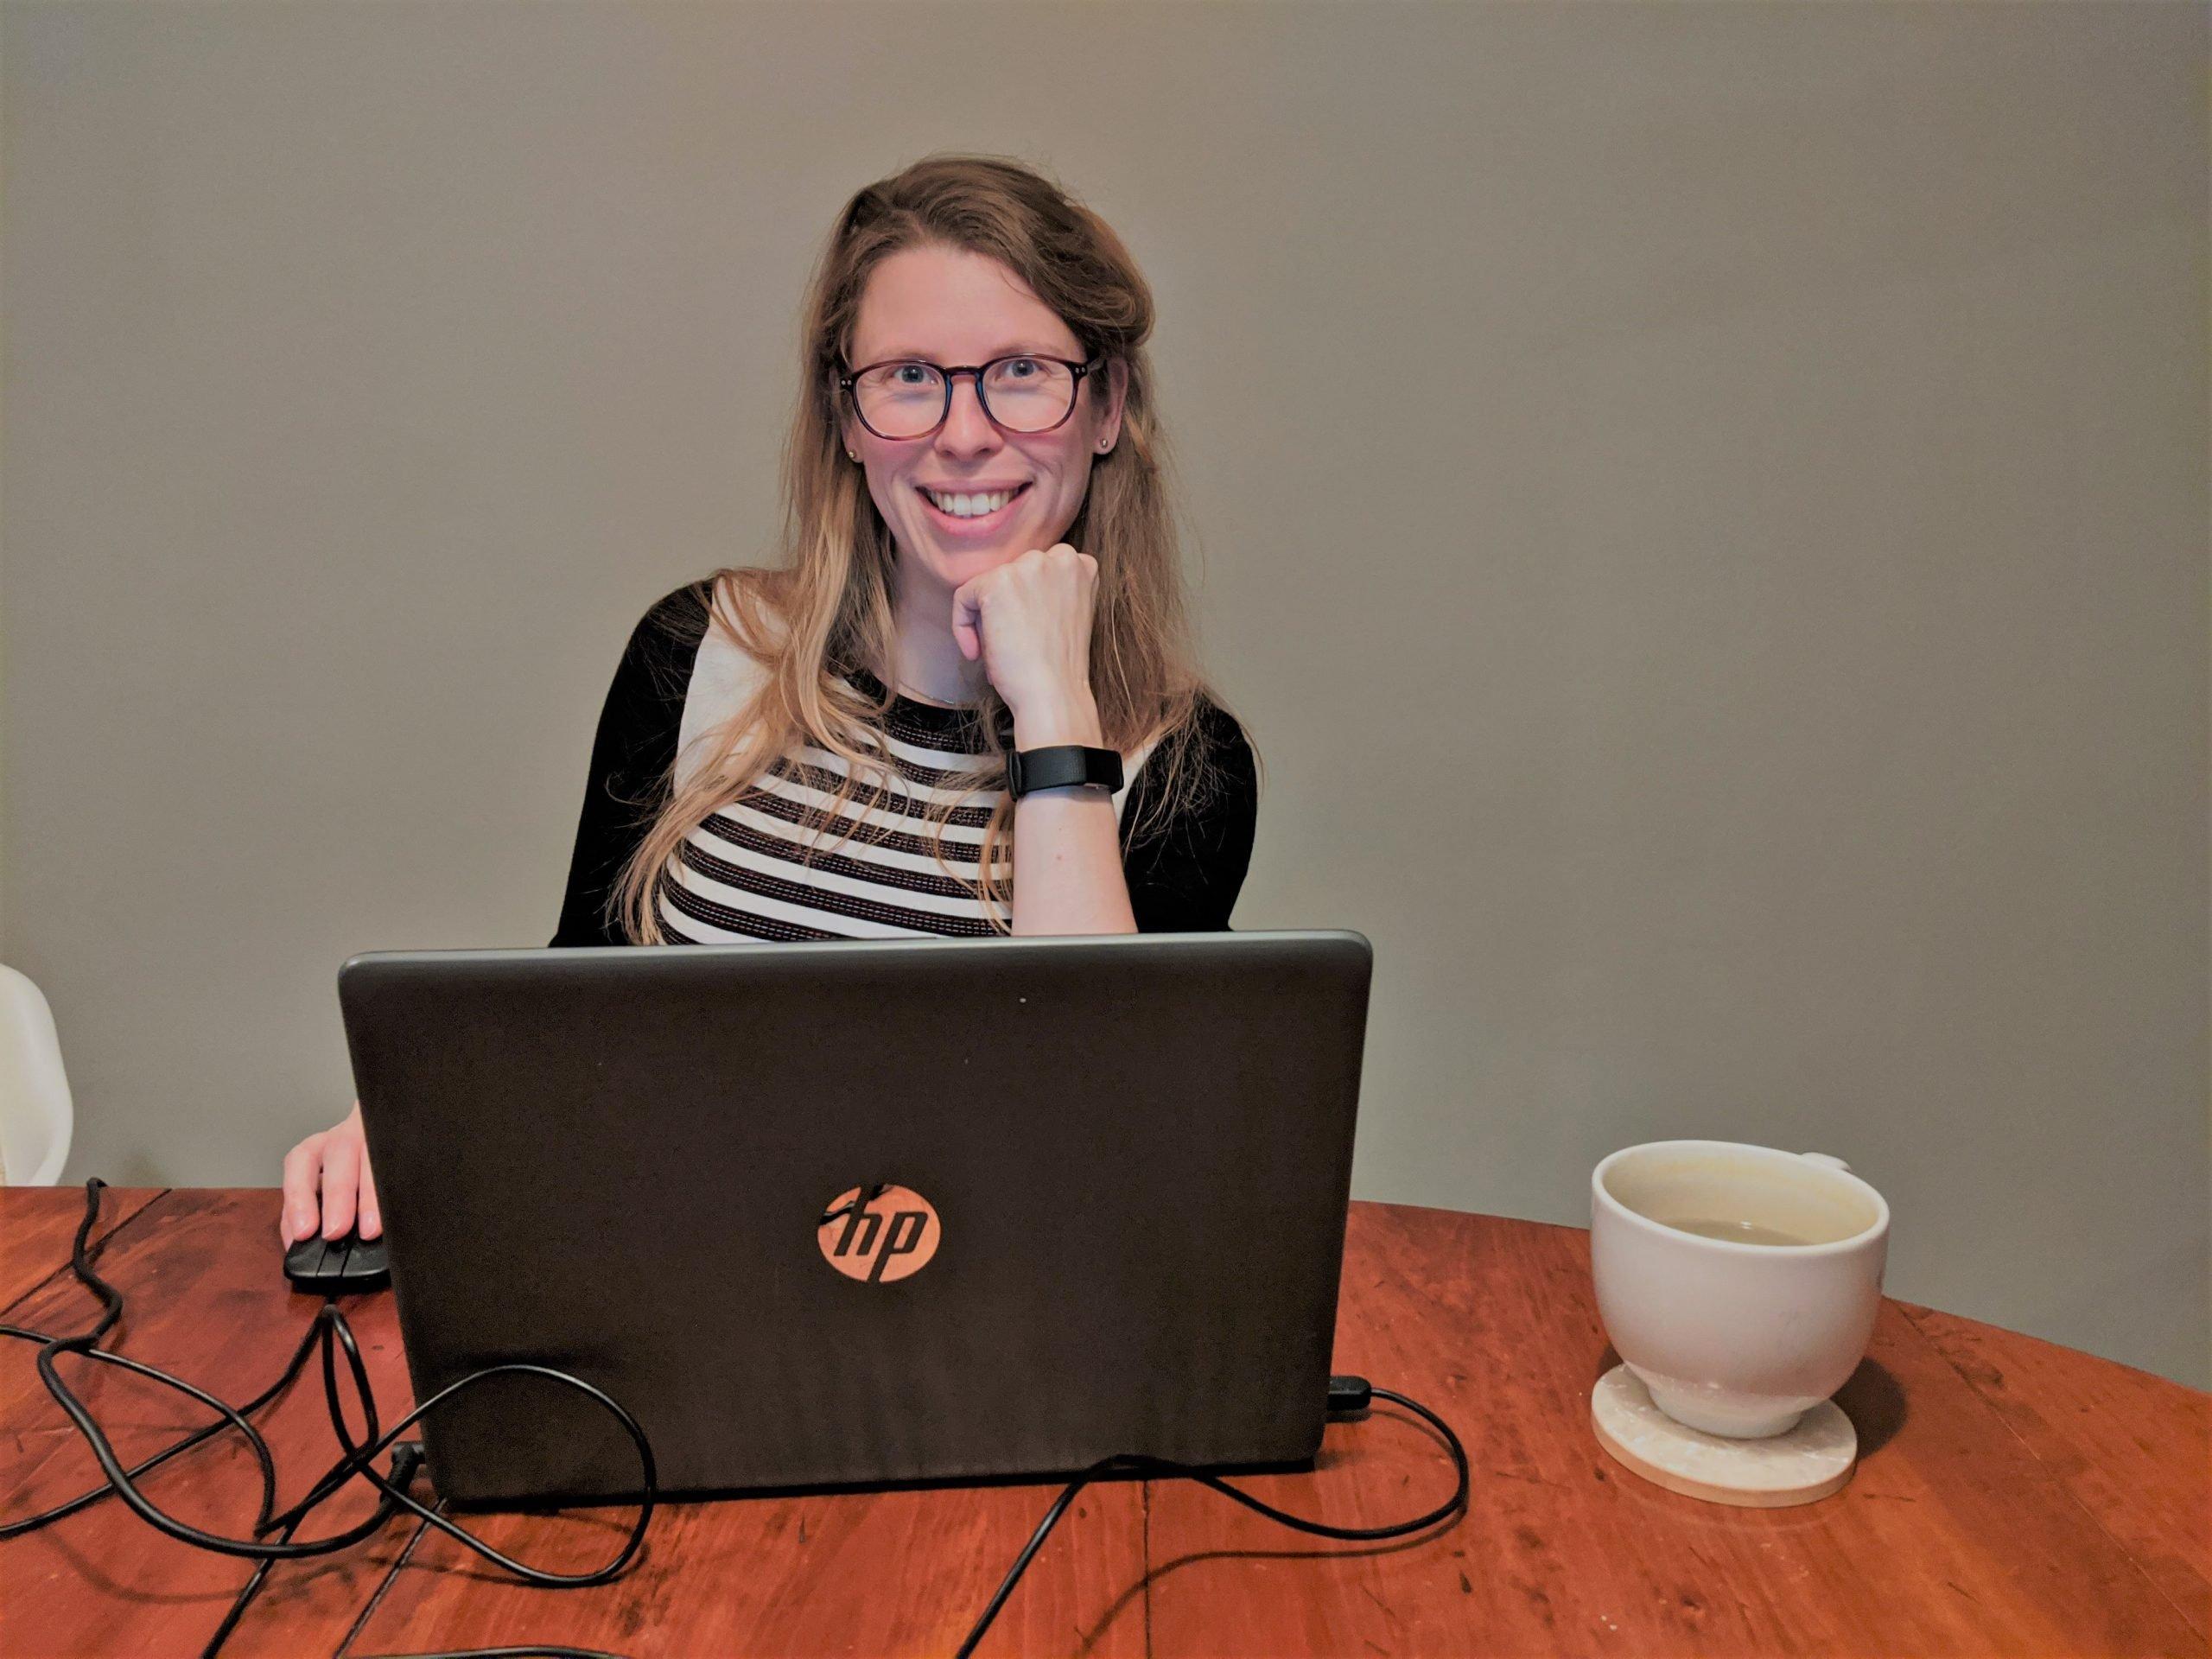 belasting opzij zetten ondernemers administratie procent laptop